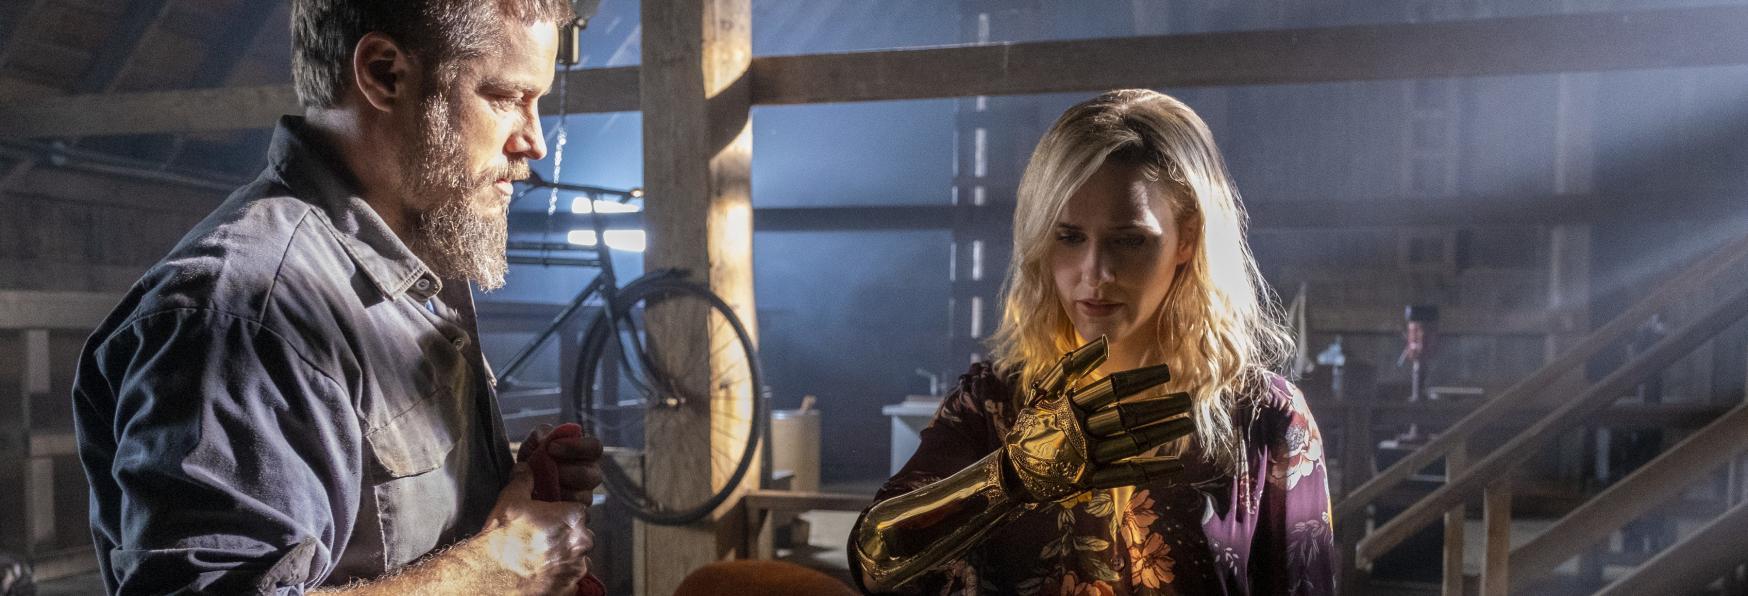 50 States of Fright: Recensione e Impressioni sulle prime 6 Puntate della Serie TV Horror di Quibi